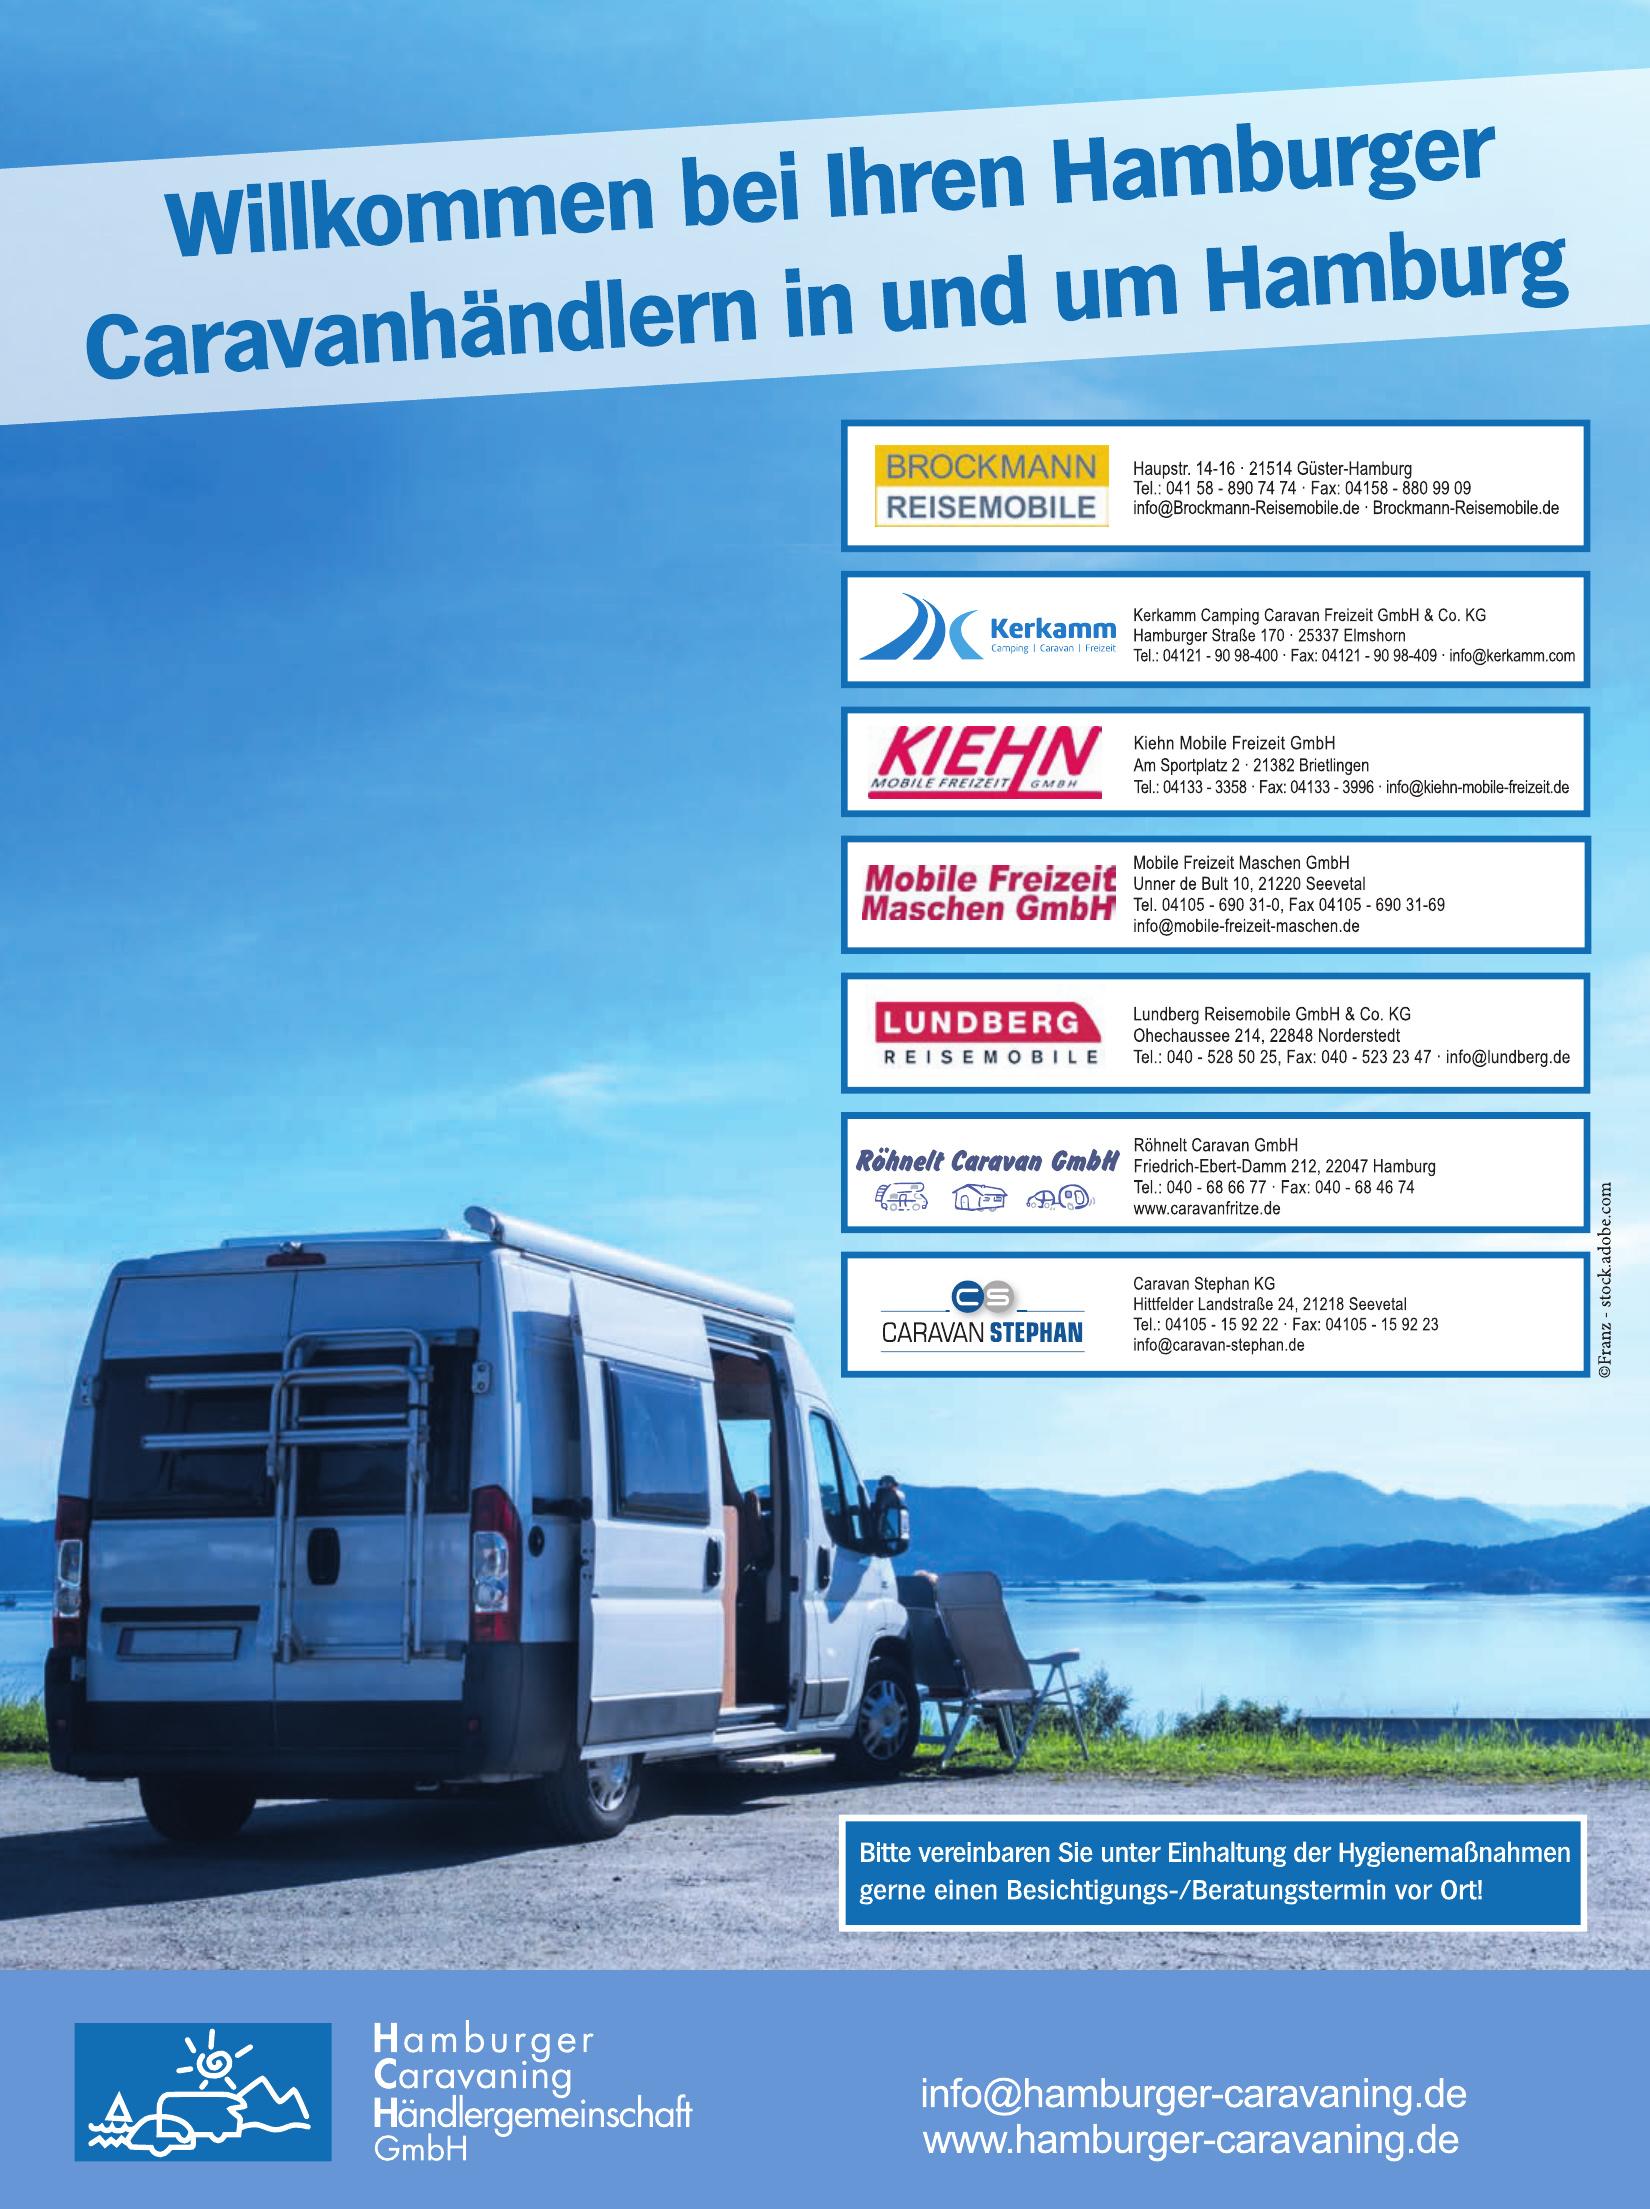 Hamburger Caravaning Händlergemeinschaft GmbH